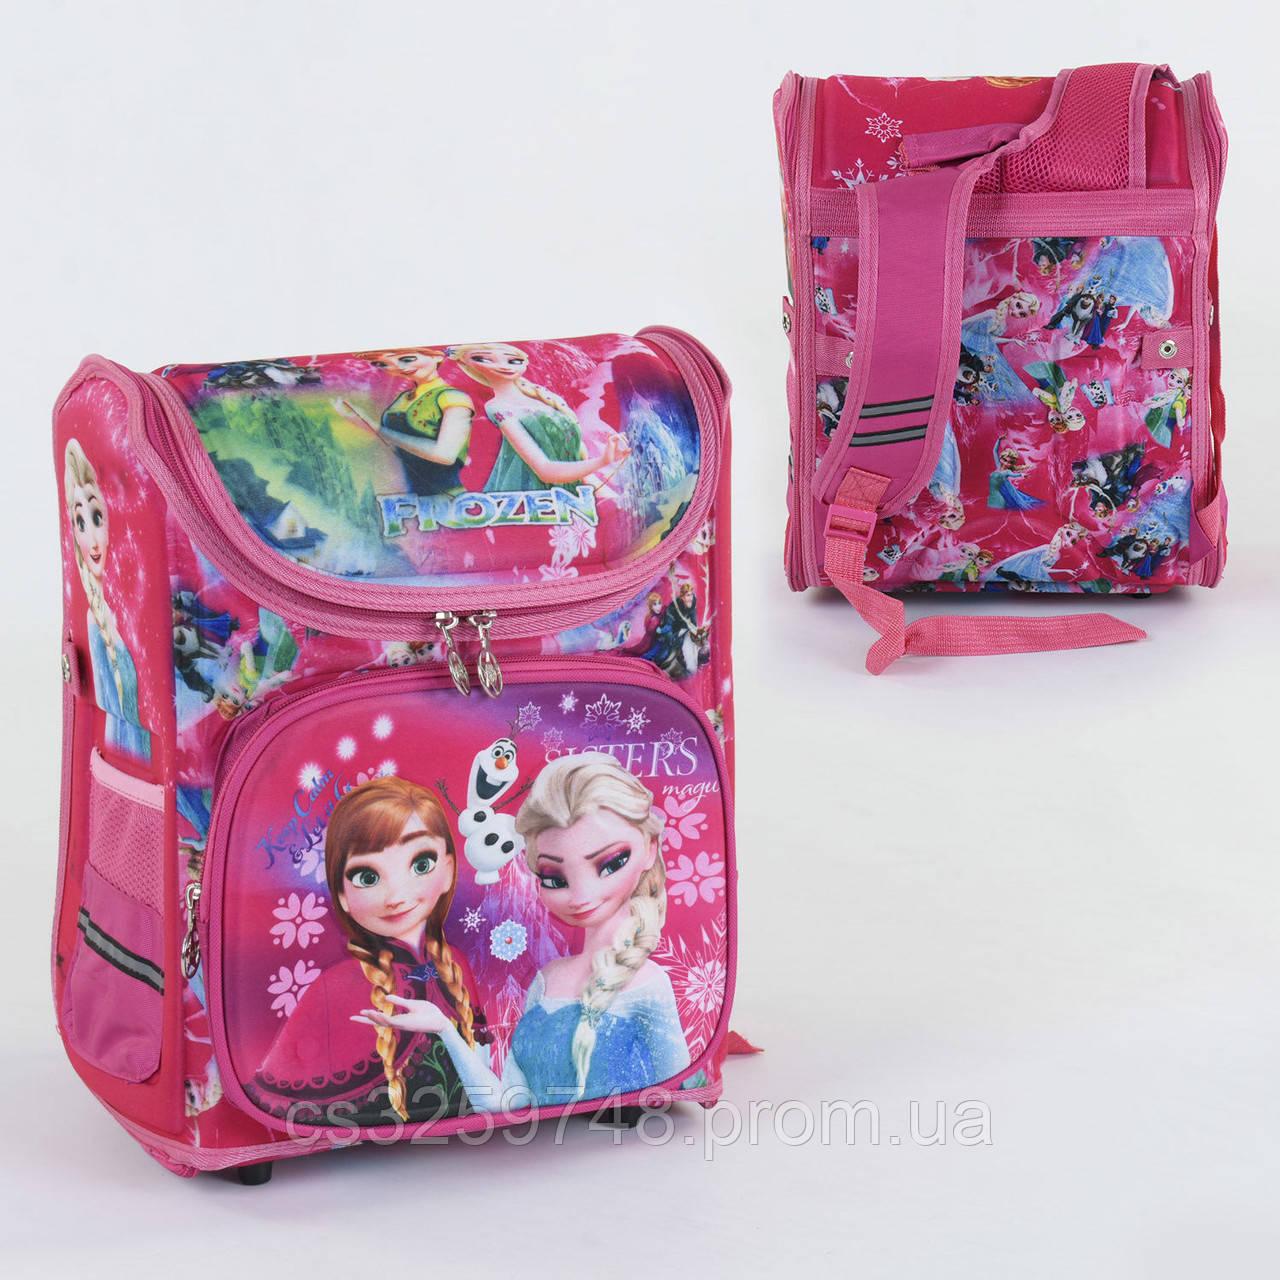 Школьный каркасный рюкзак Анна и Эльза С 36177 с ортопедической спинкой на 1 большое отделение, 3D принт